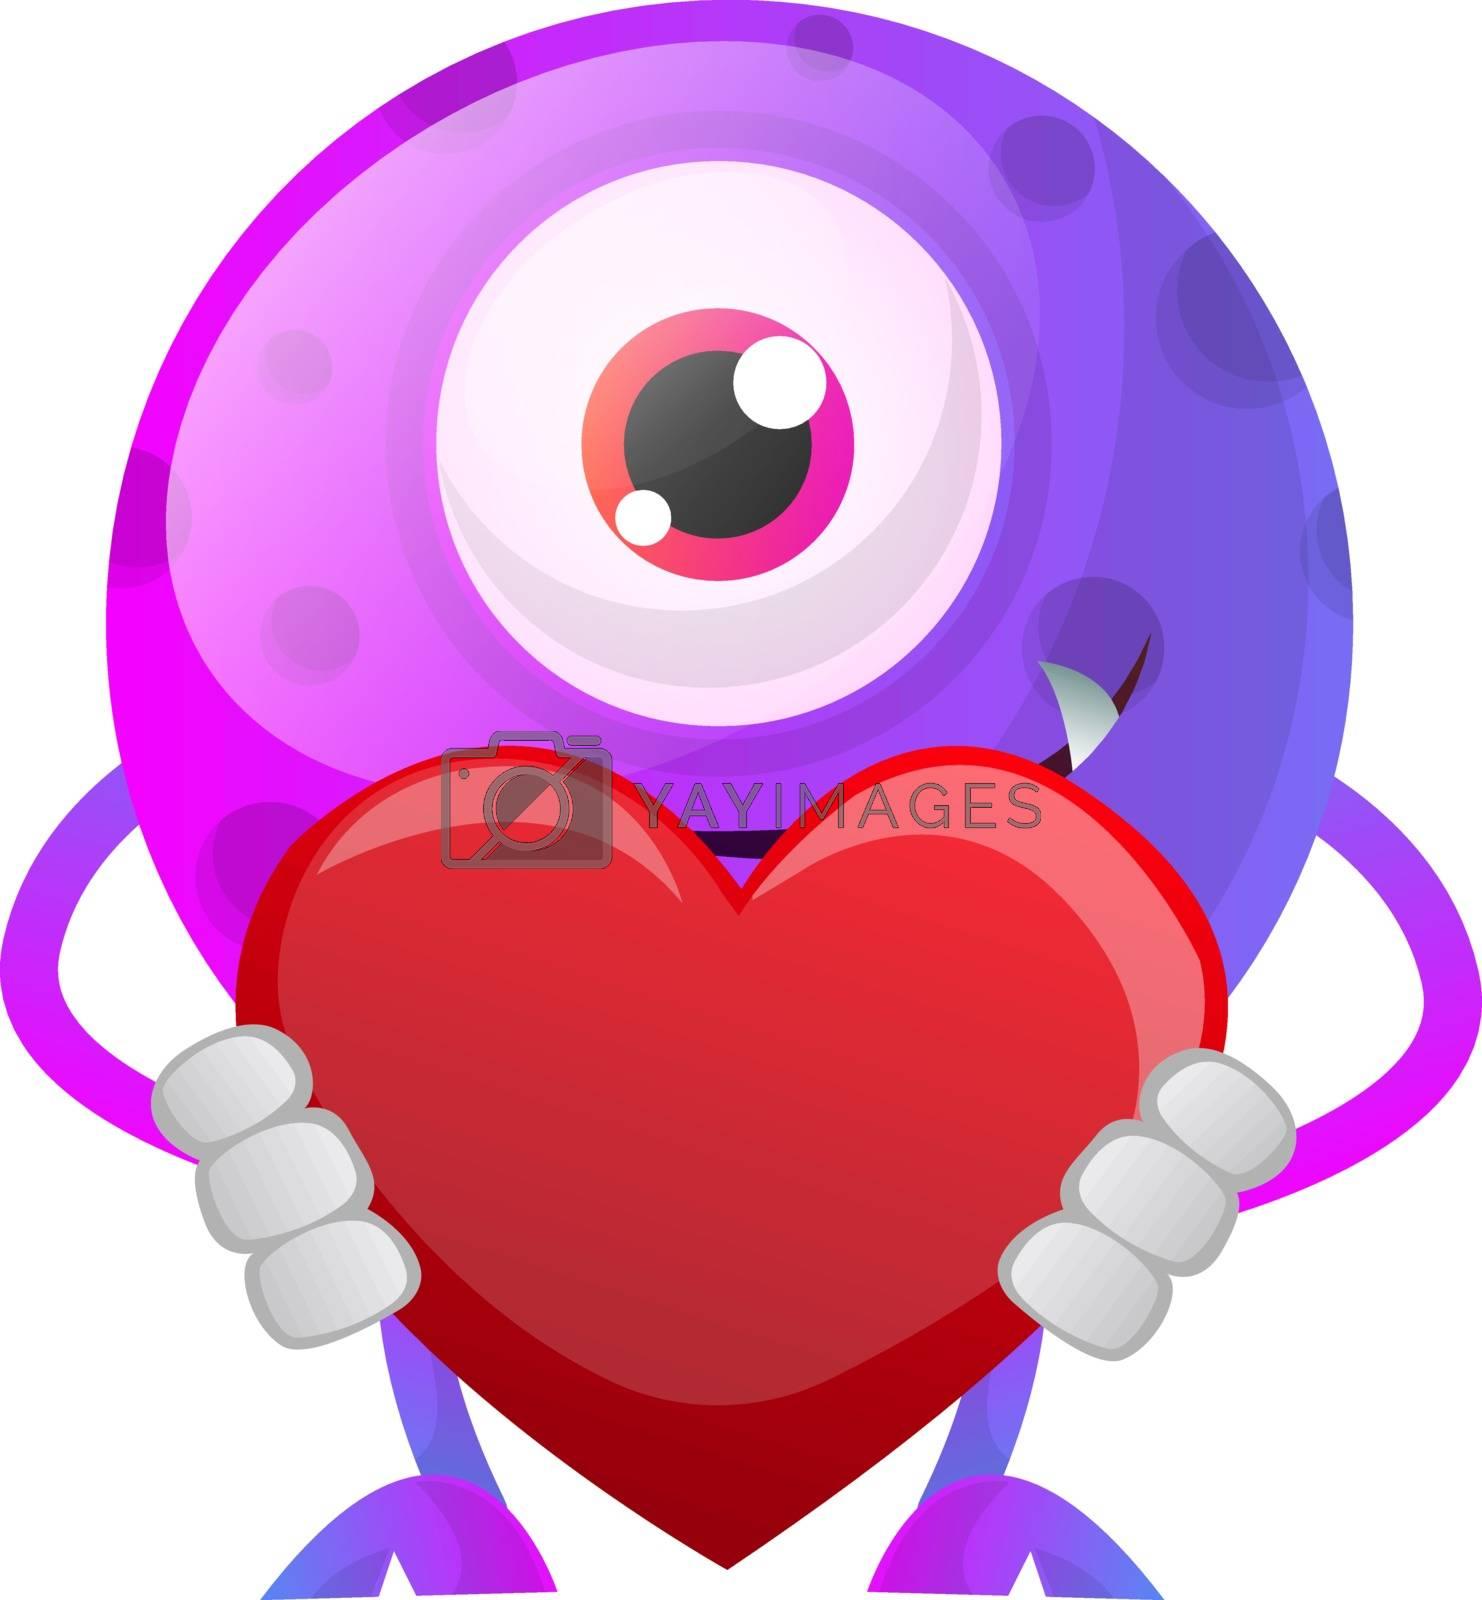 Royalty free image of Purple monster holding heart illustration vector on white backgr by Morphart